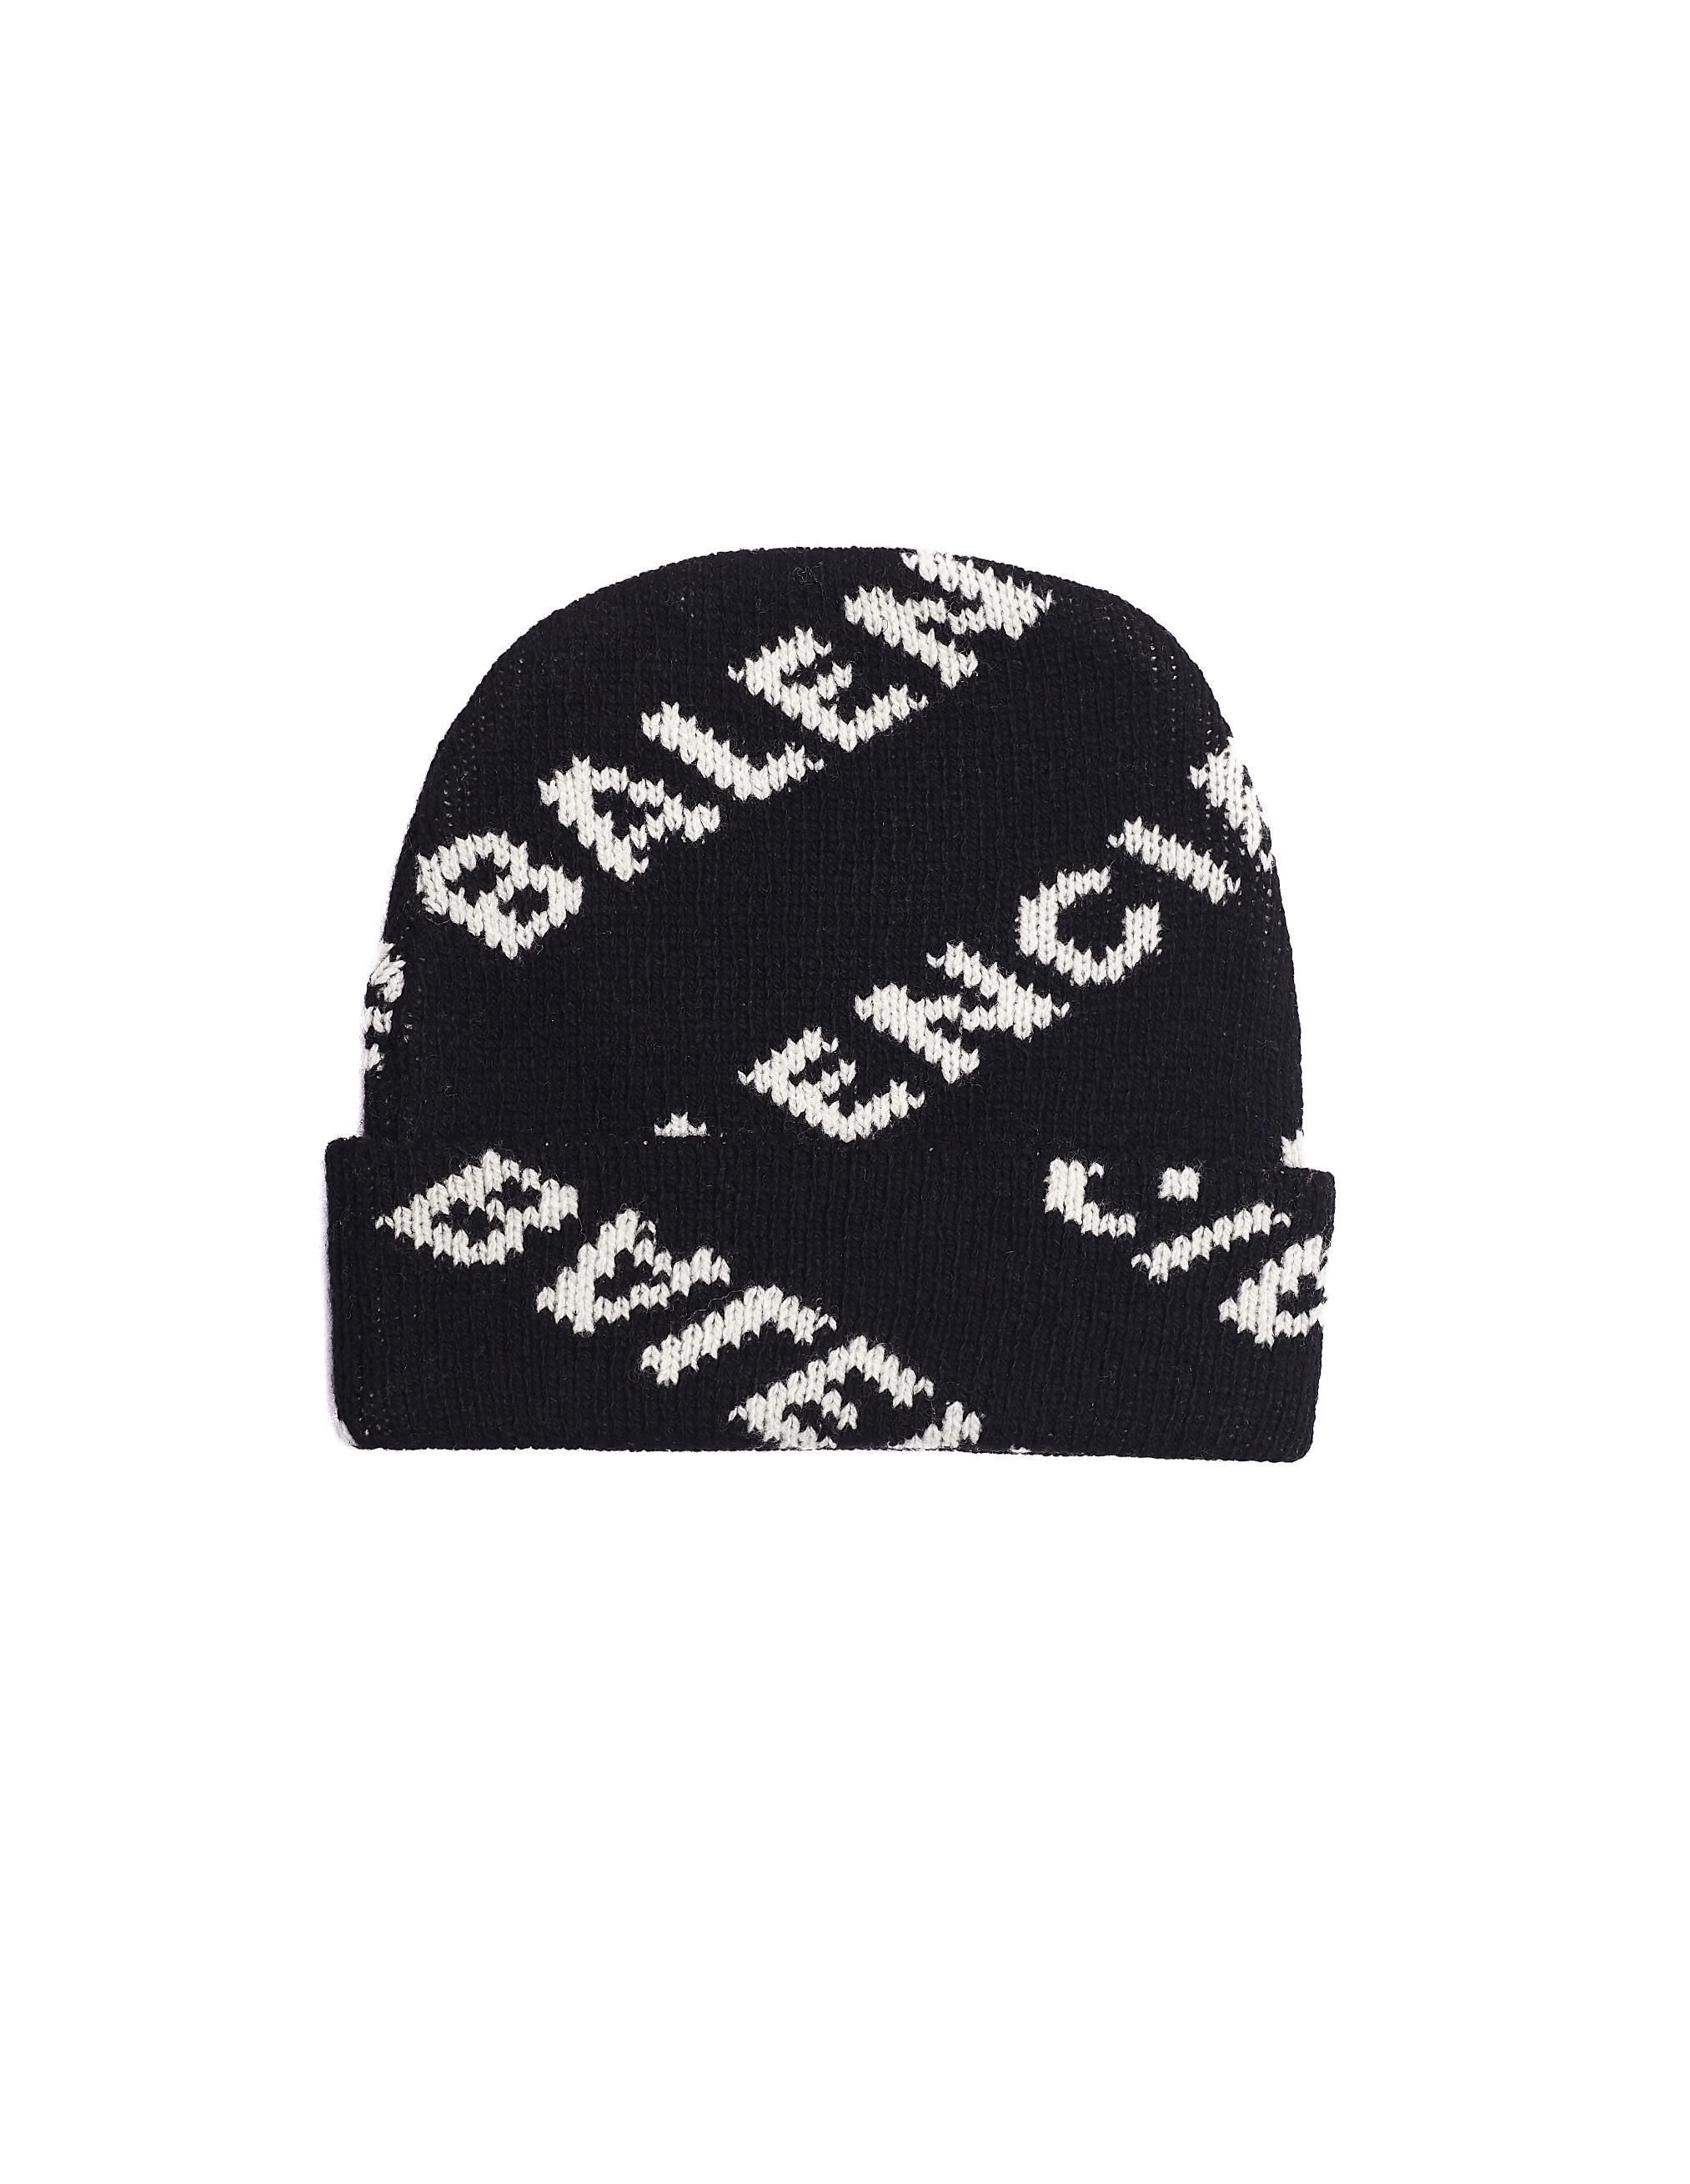 e40d83e3bb9 Balenciaga Jacquard Logo Beanie in Black for Men - Lyst